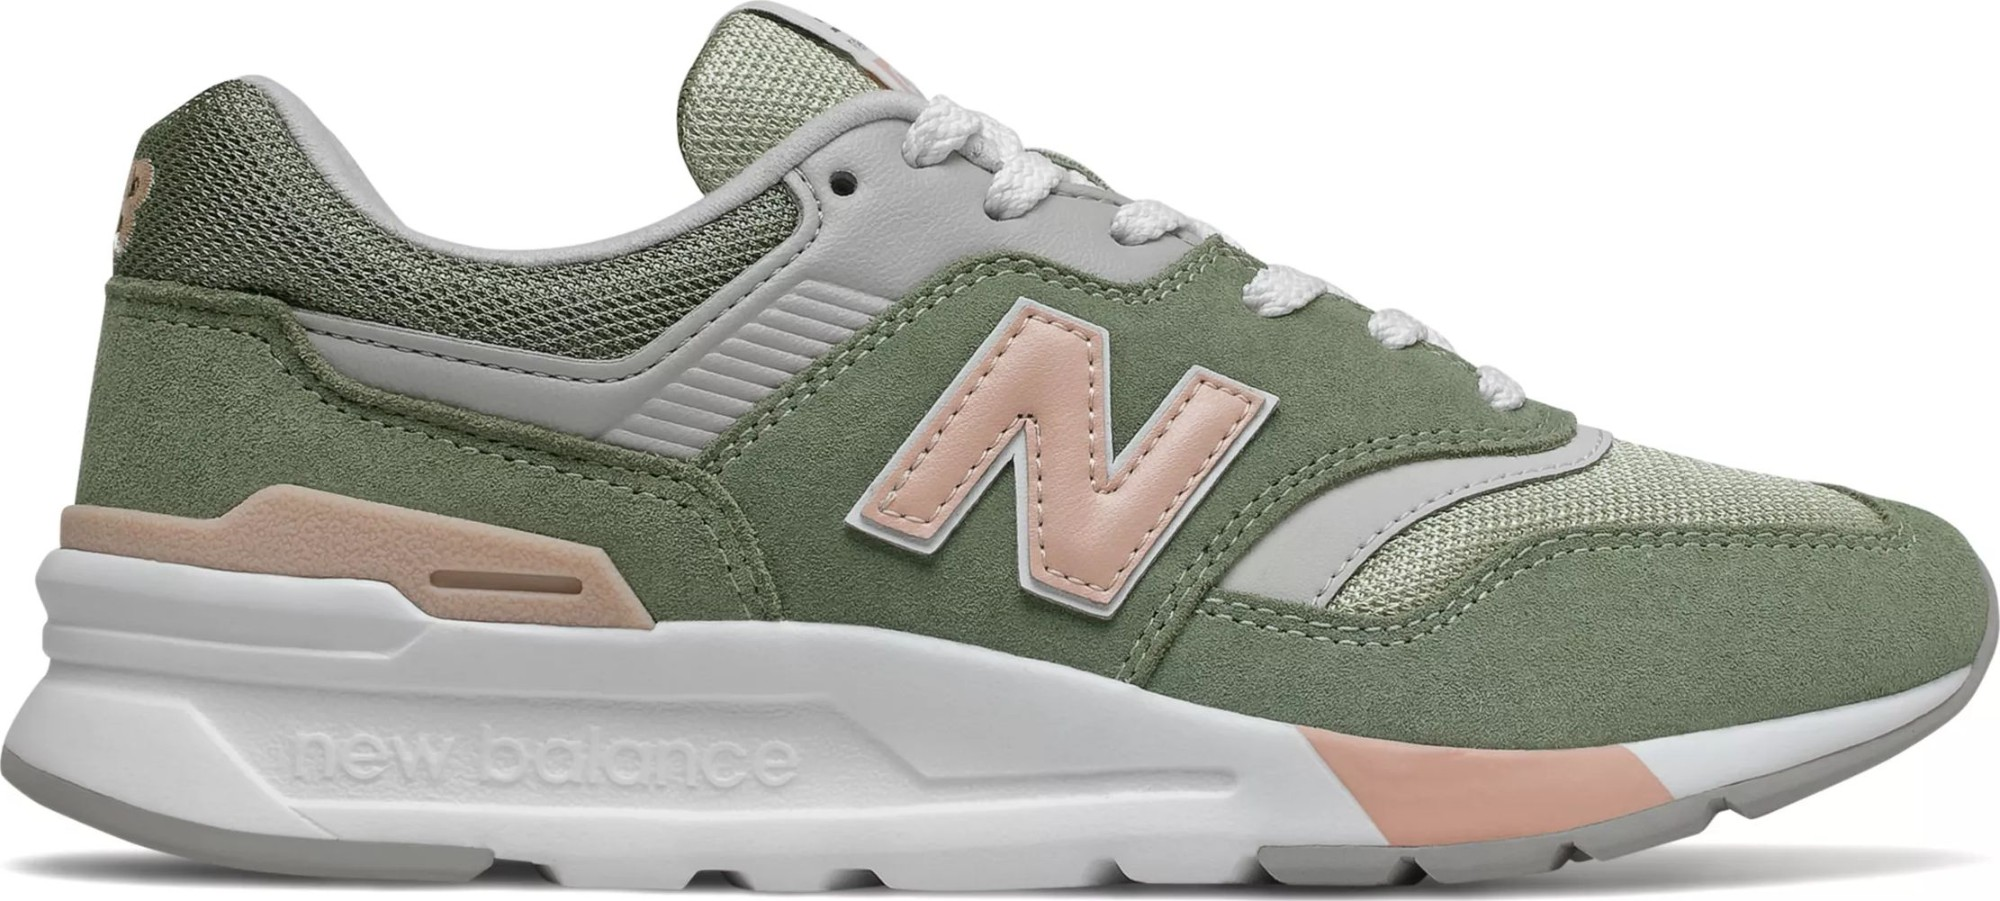 New Balance CW997 Celadon/Silver Pine 38